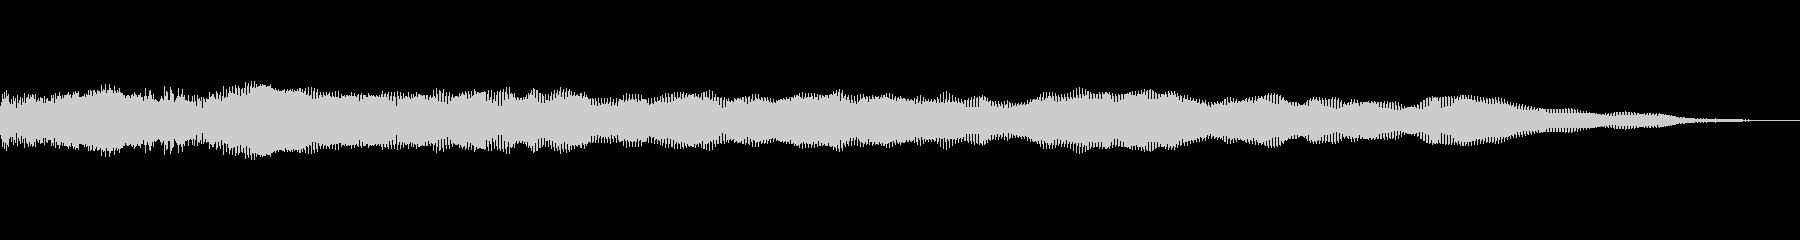 パワーコードパワフルなギターの未再生の波形